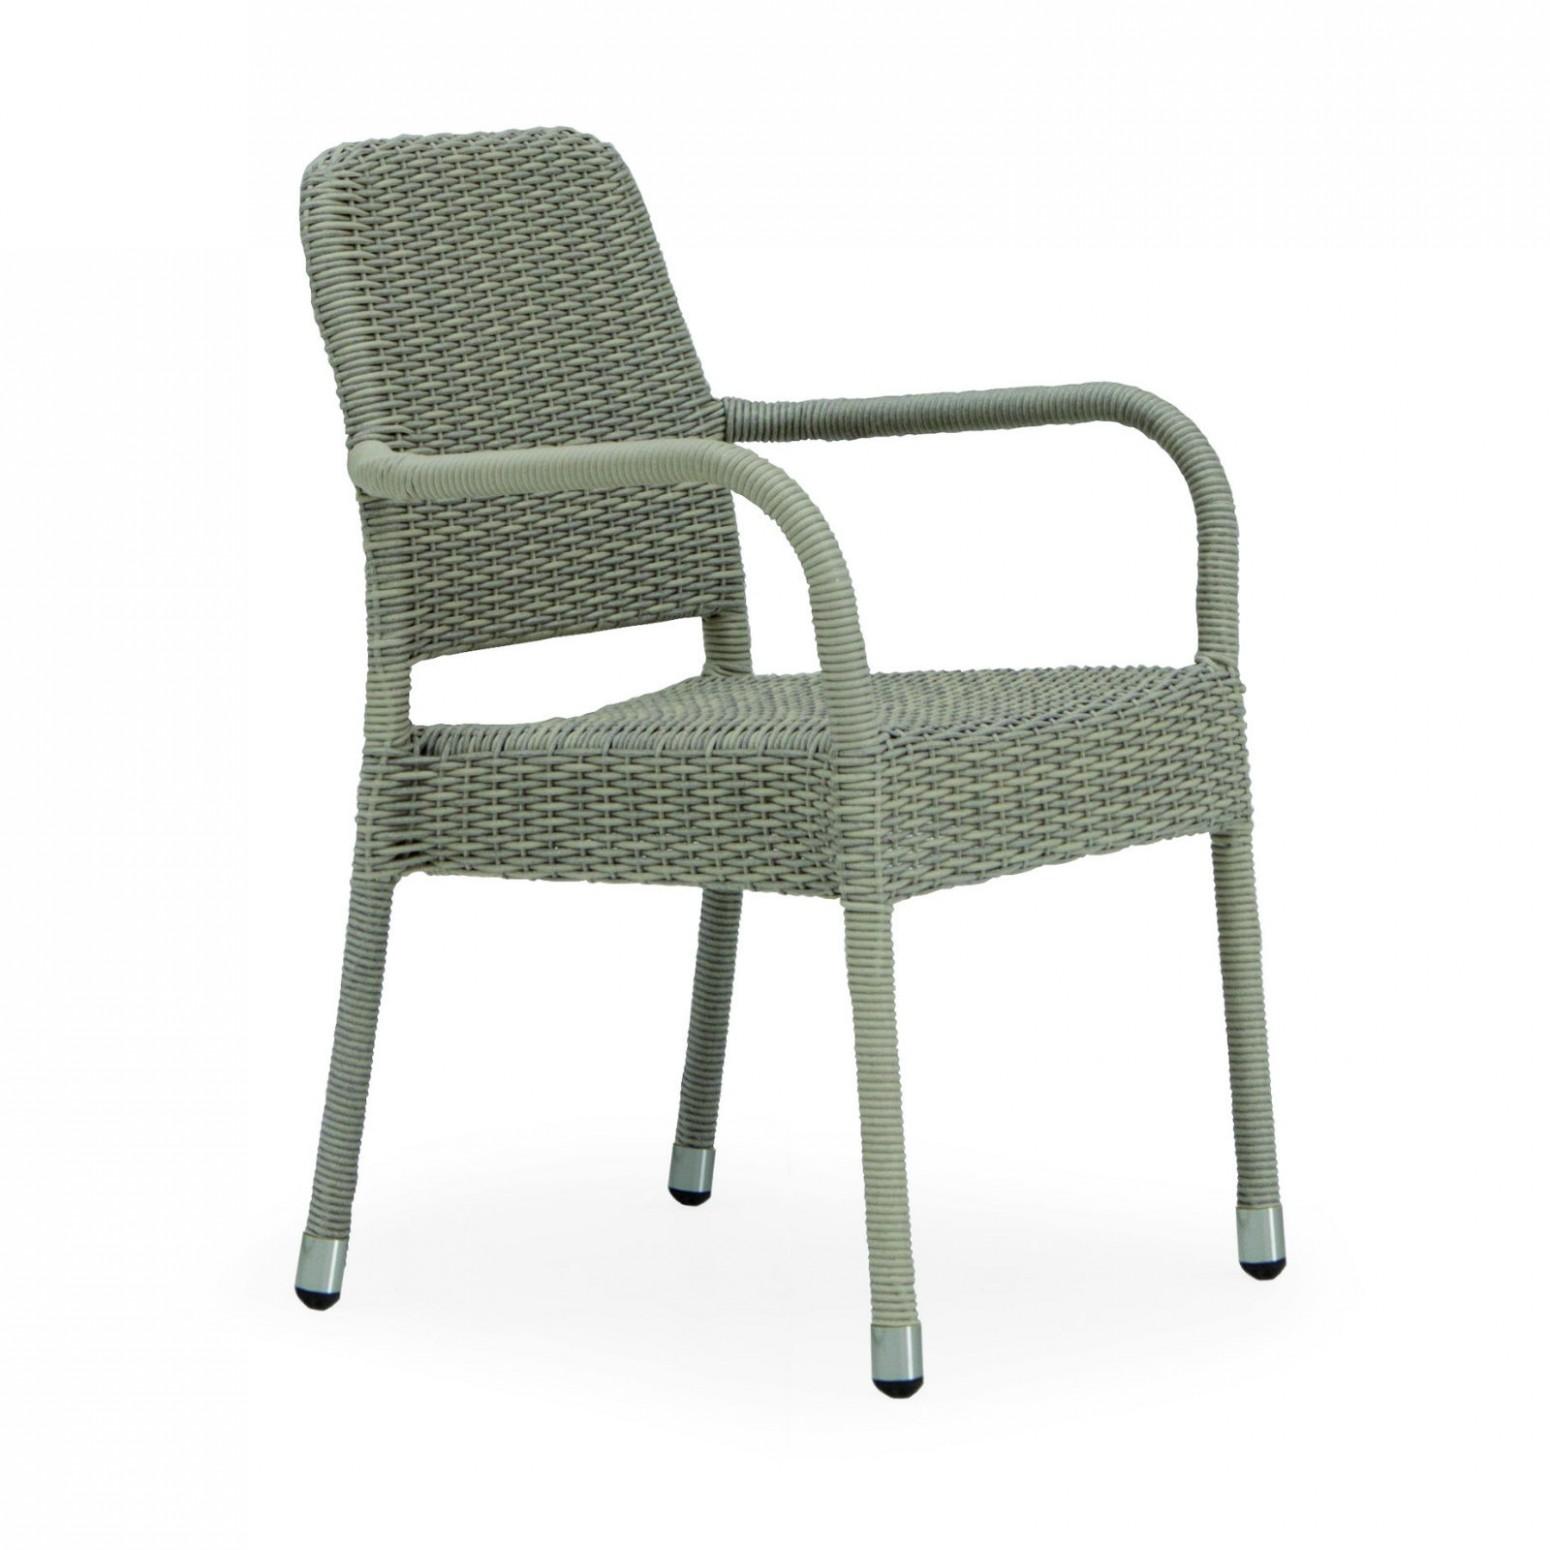 chaise pour table de jardin avec accoudoirs